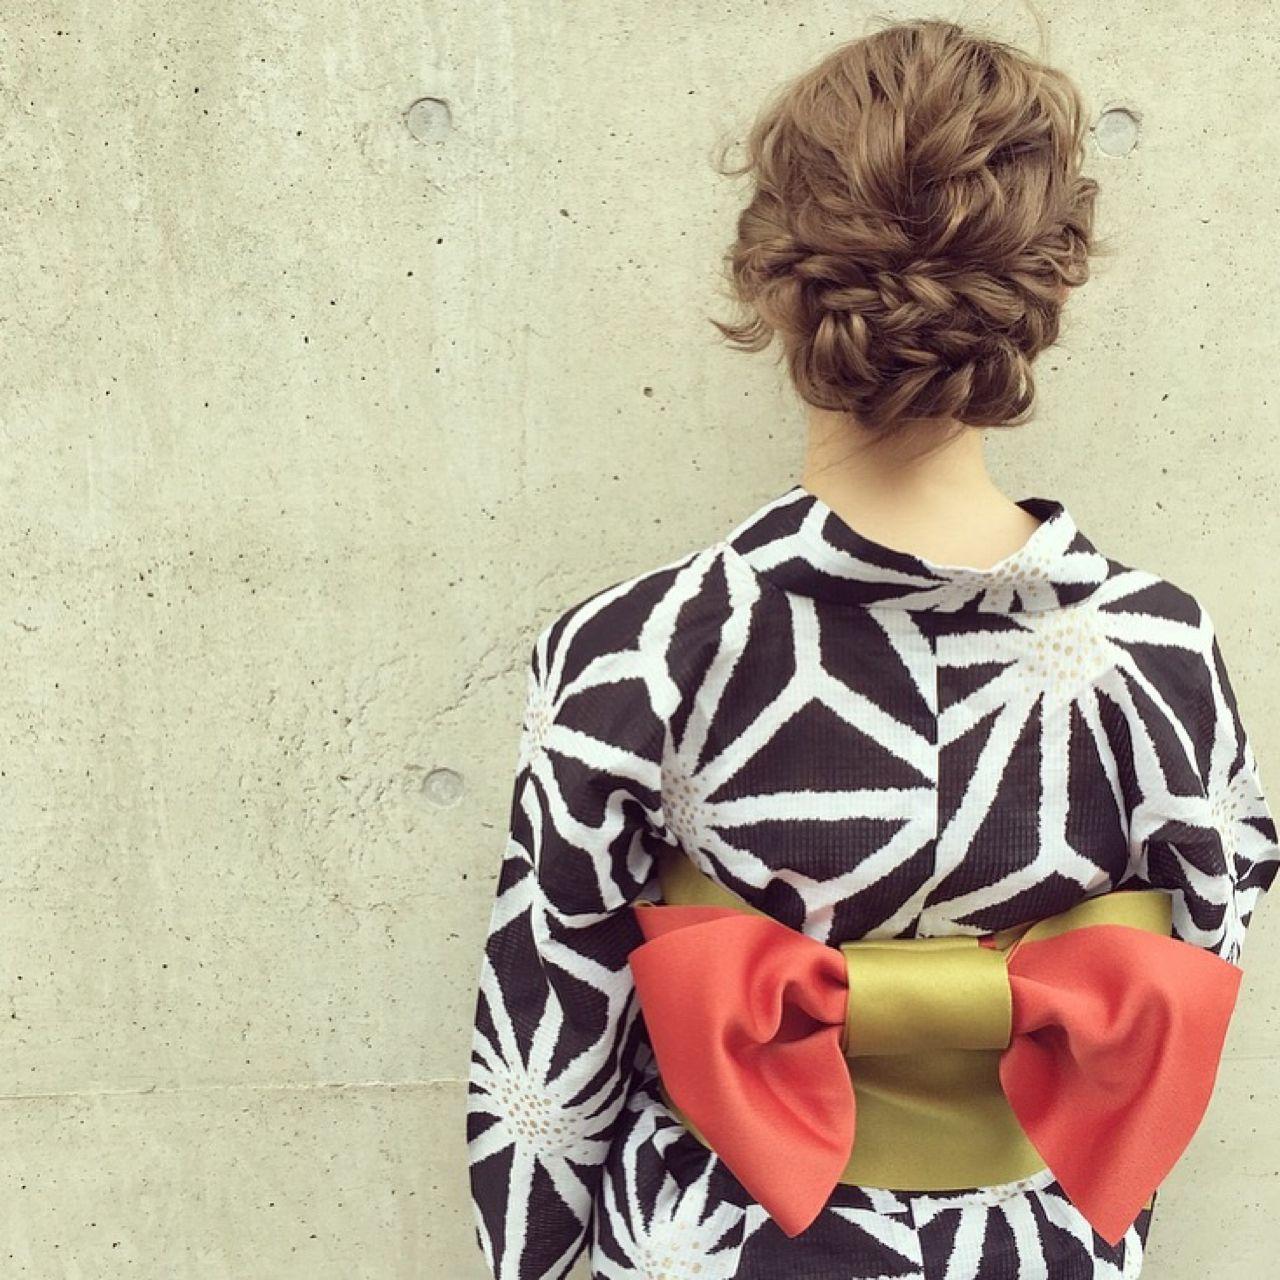 夏 お祭り ナチュラル 和装 ヘアスタイルや髪型の写真・画像 | Kaneko Mayumi / BOTTOMS